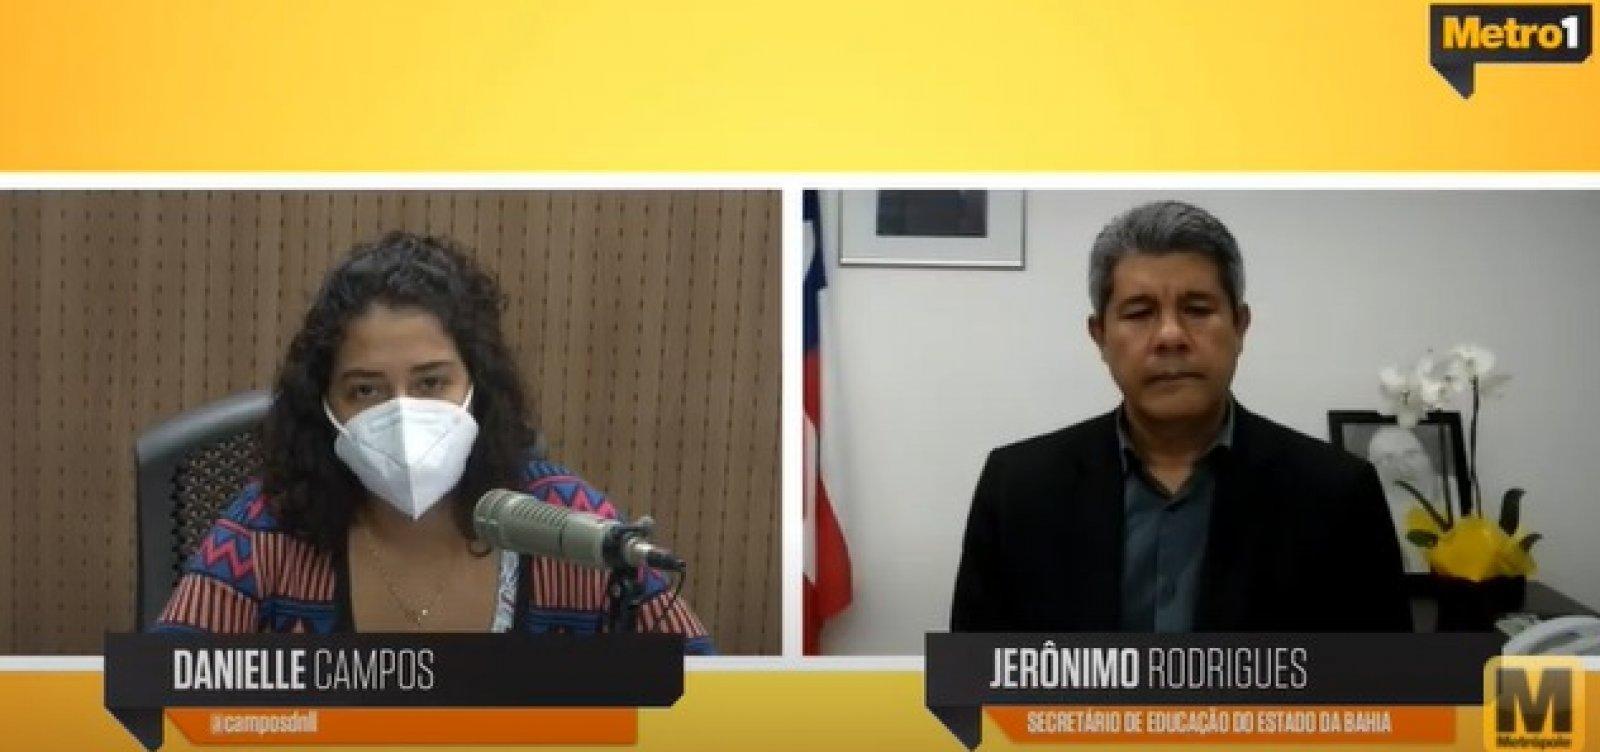 'Estamos em um momento de aprendizado', diz secretário de educação da Bahia sobre retorno às aulas